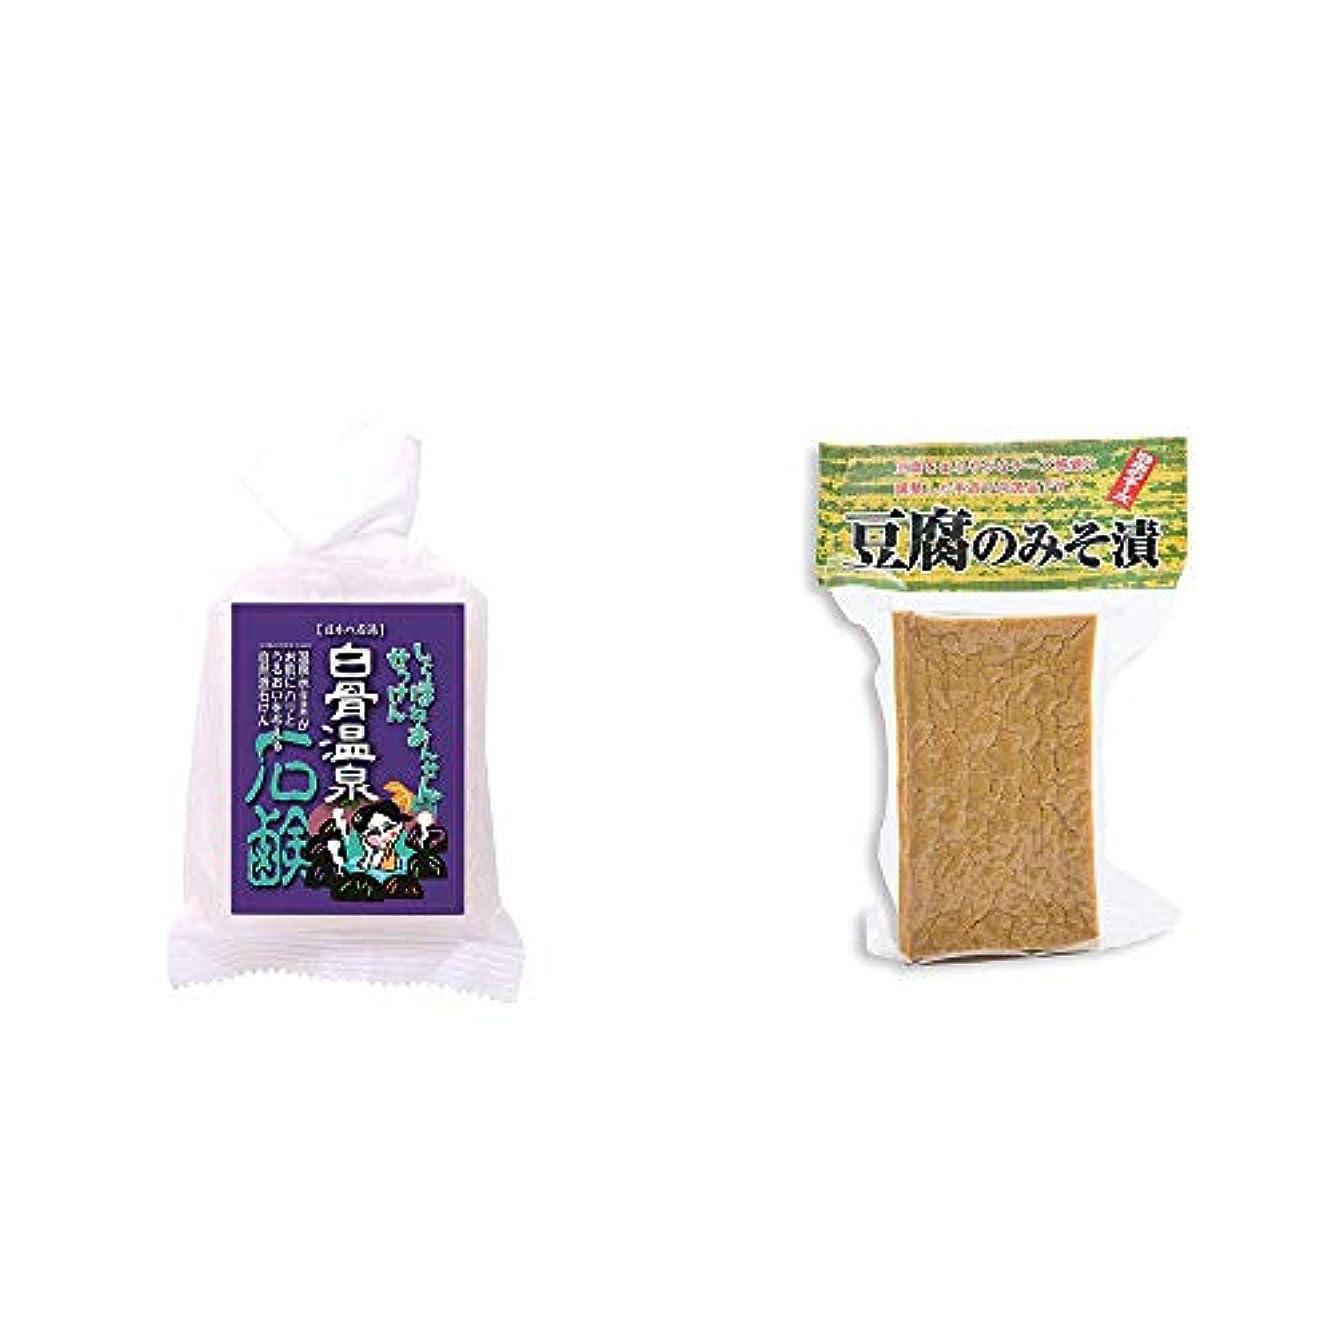 ベスビオ山人工頭[2点セット] 信州 白骨温泉石鹸(80g)?日本のチーズ 豆腐のみそ漬(1個入)